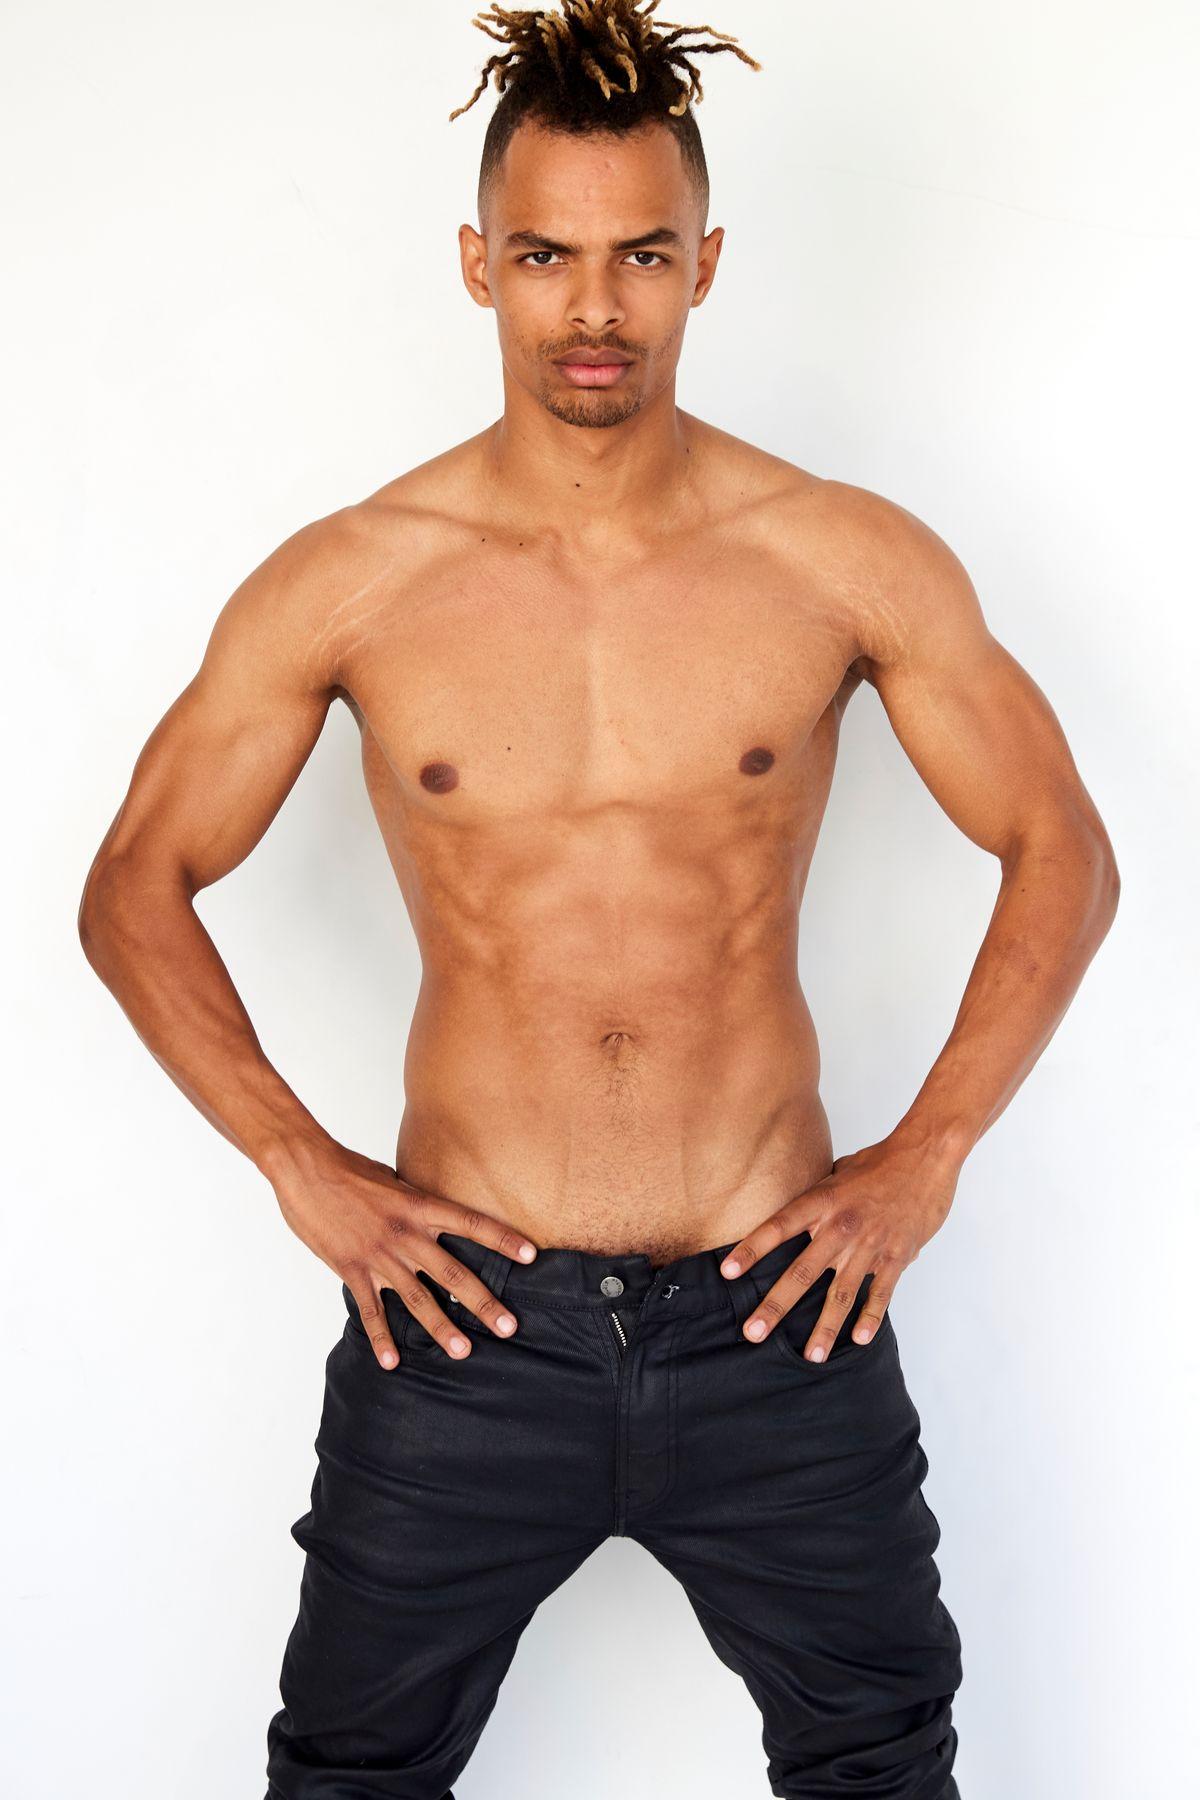 Model Brian Szembek